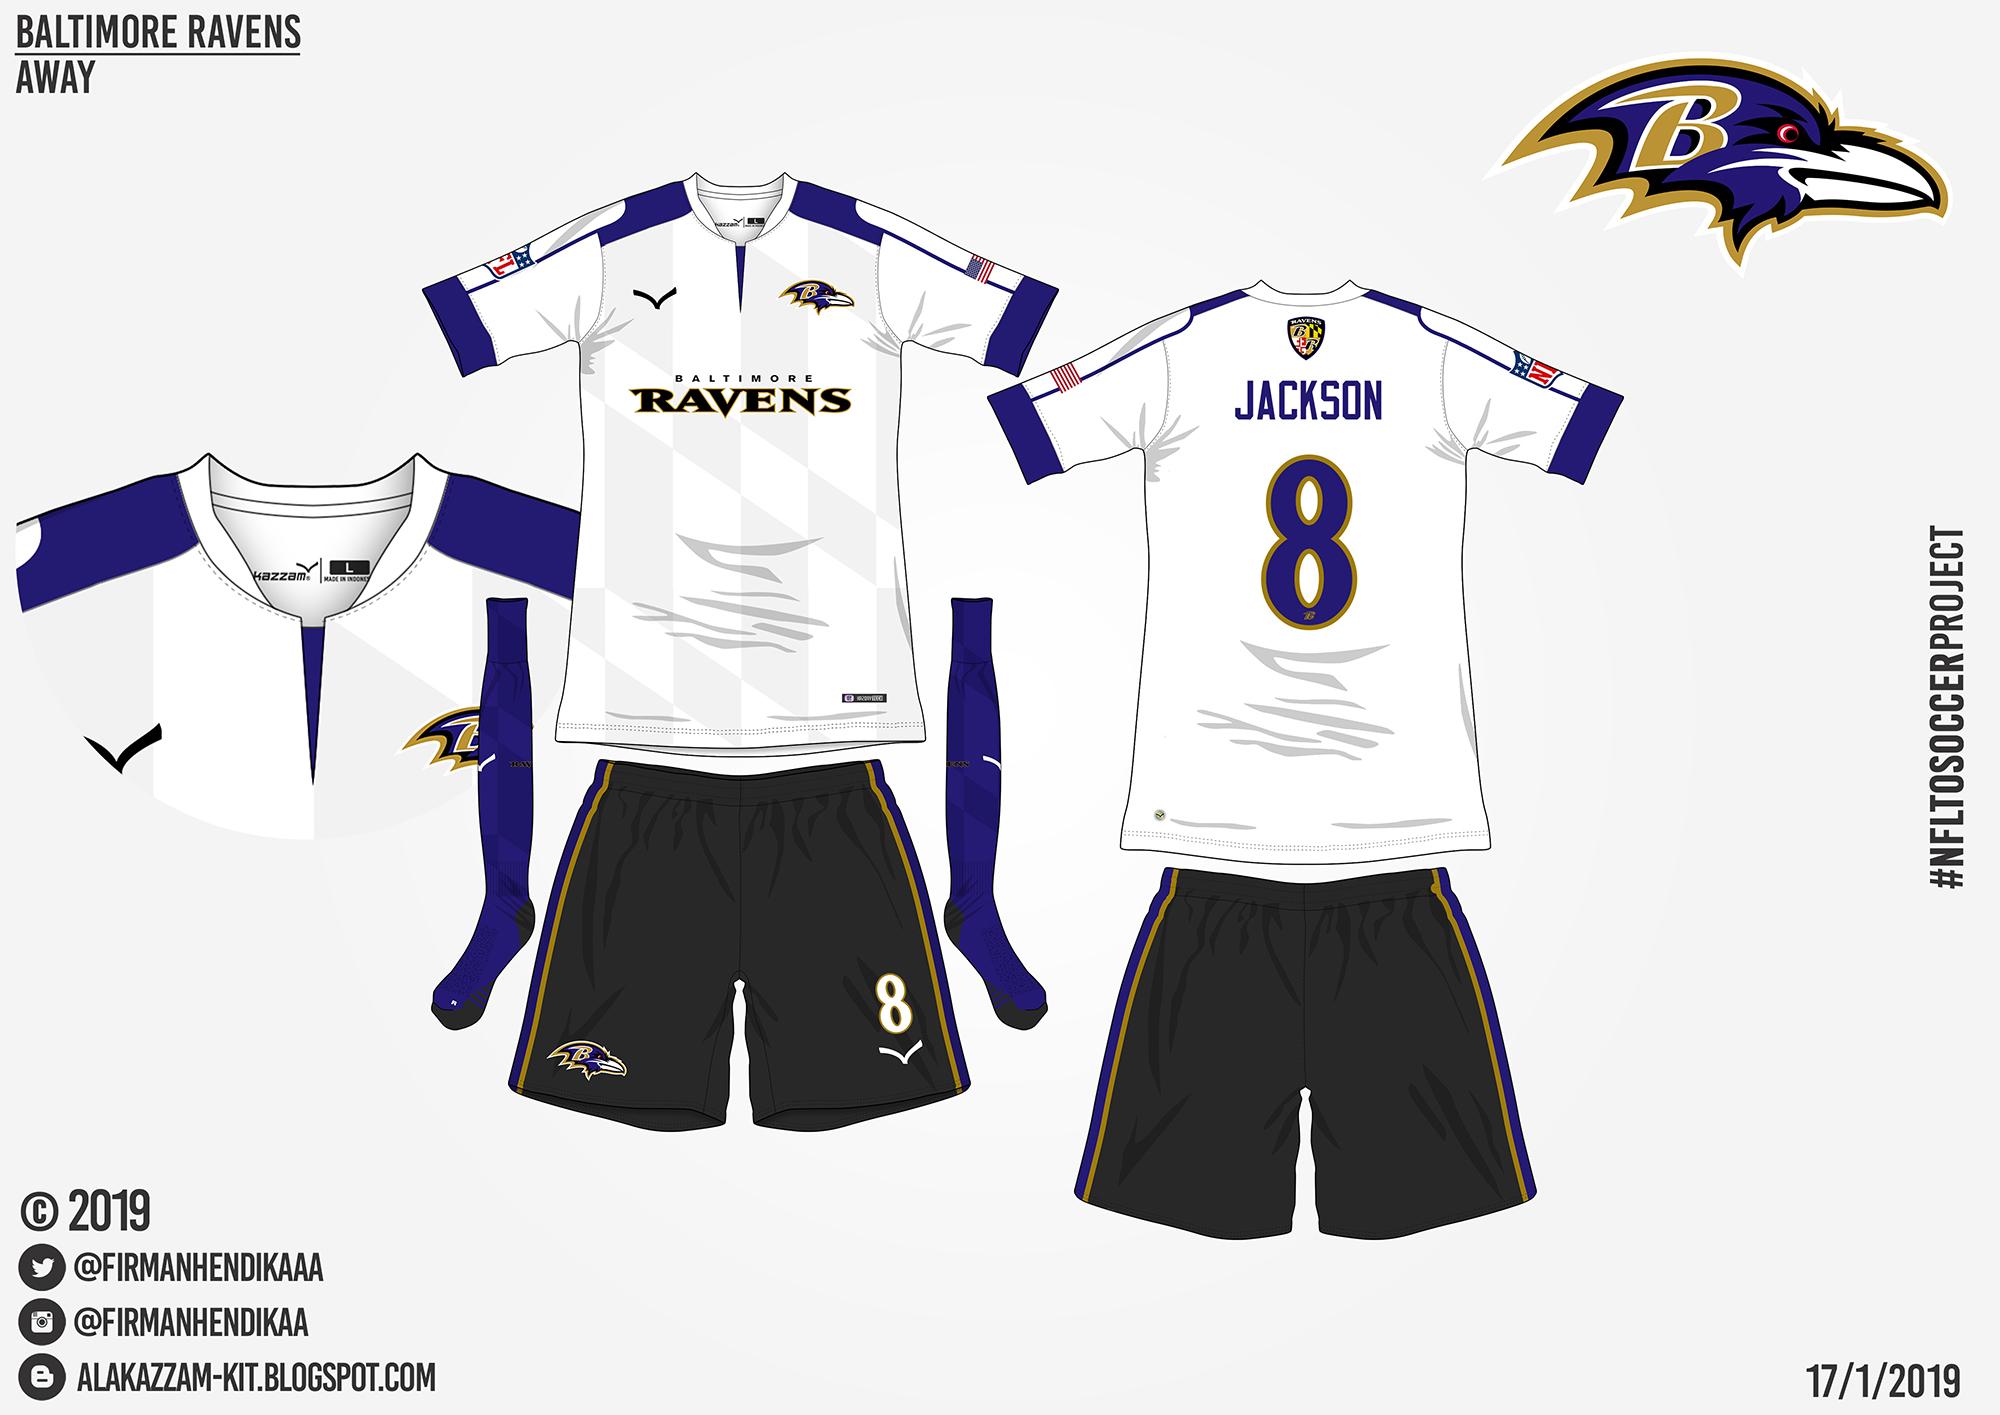 timeless design a4900 99f3a NFLtoSoccerProject - Baltimore Ravens (Away)